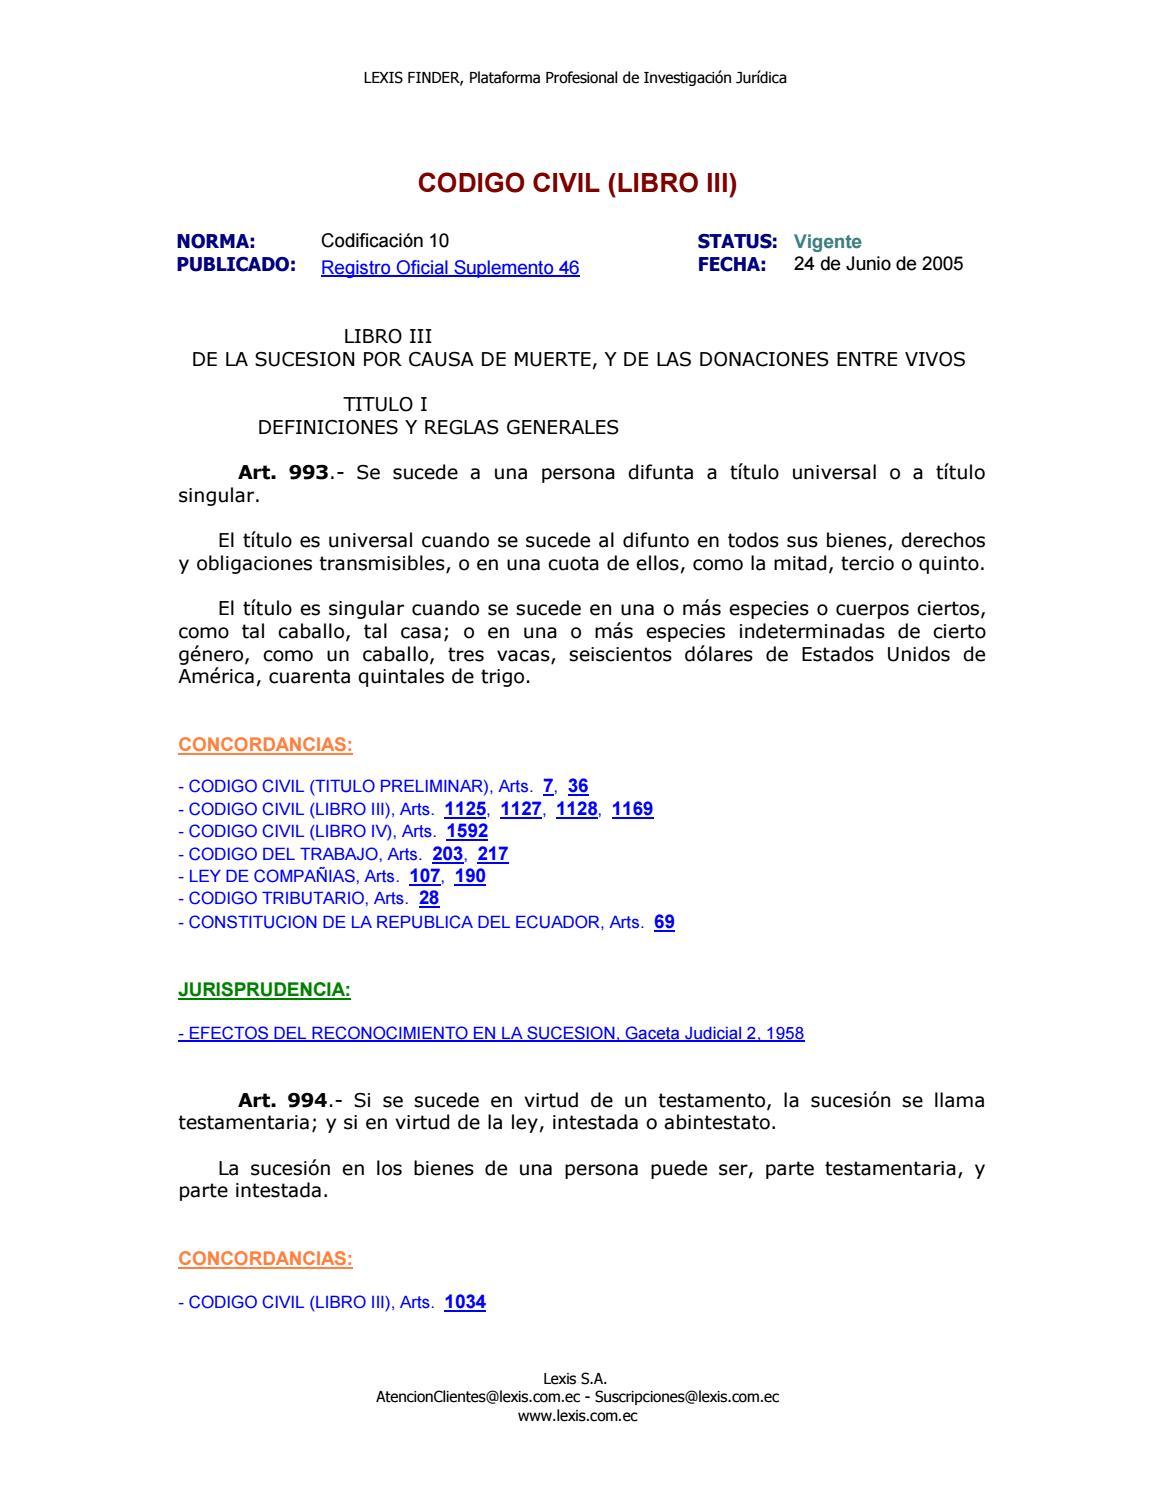 Codigo civil (libro iii) reformado el 22 may 2016 by Catherine ...